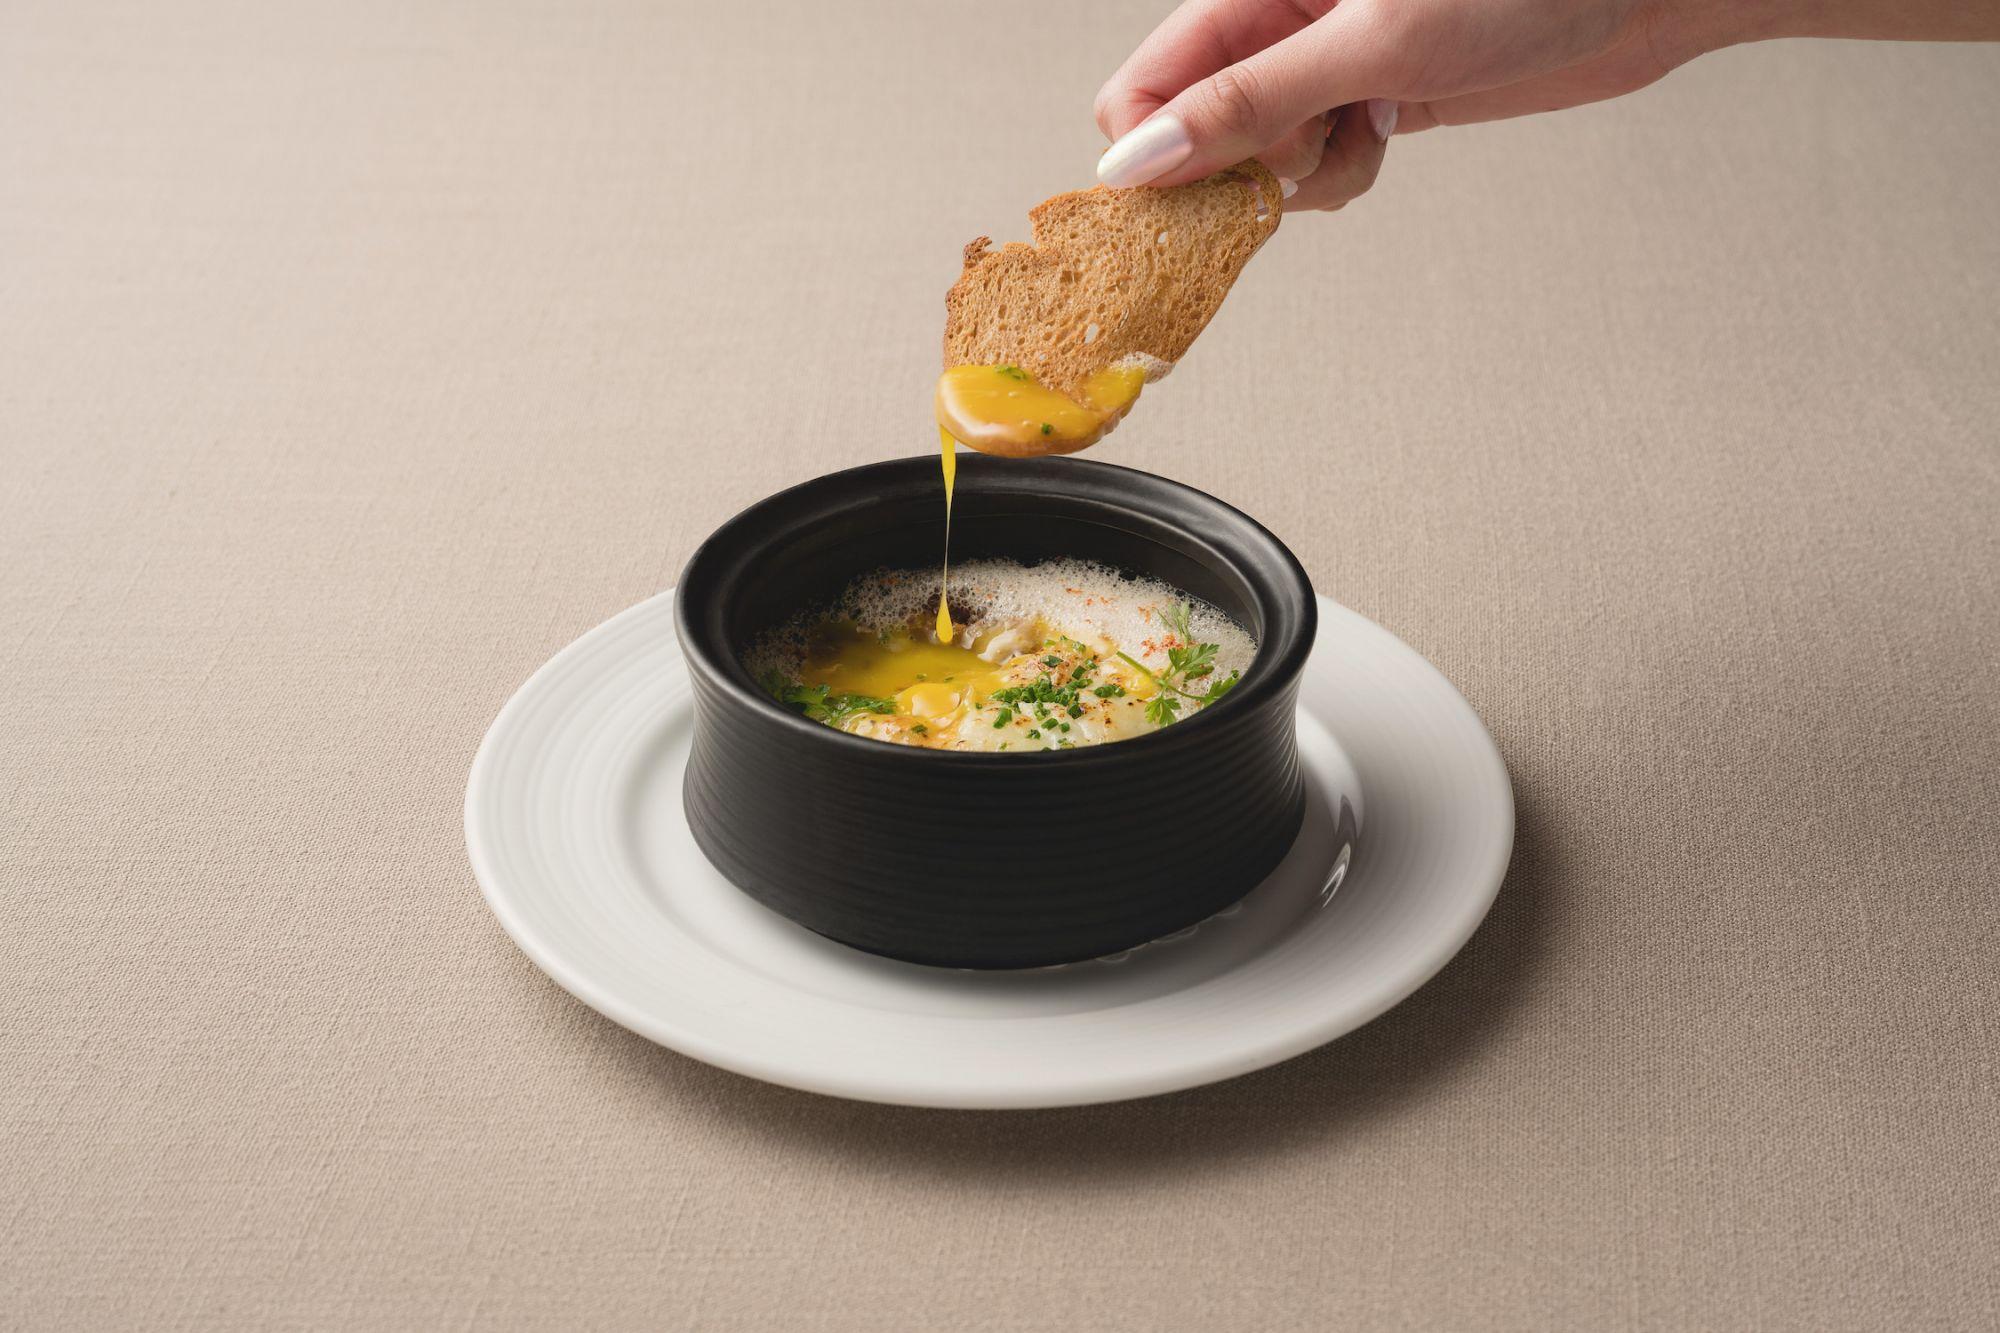 法式燉菜,油封鴨胗和溫泉蛋